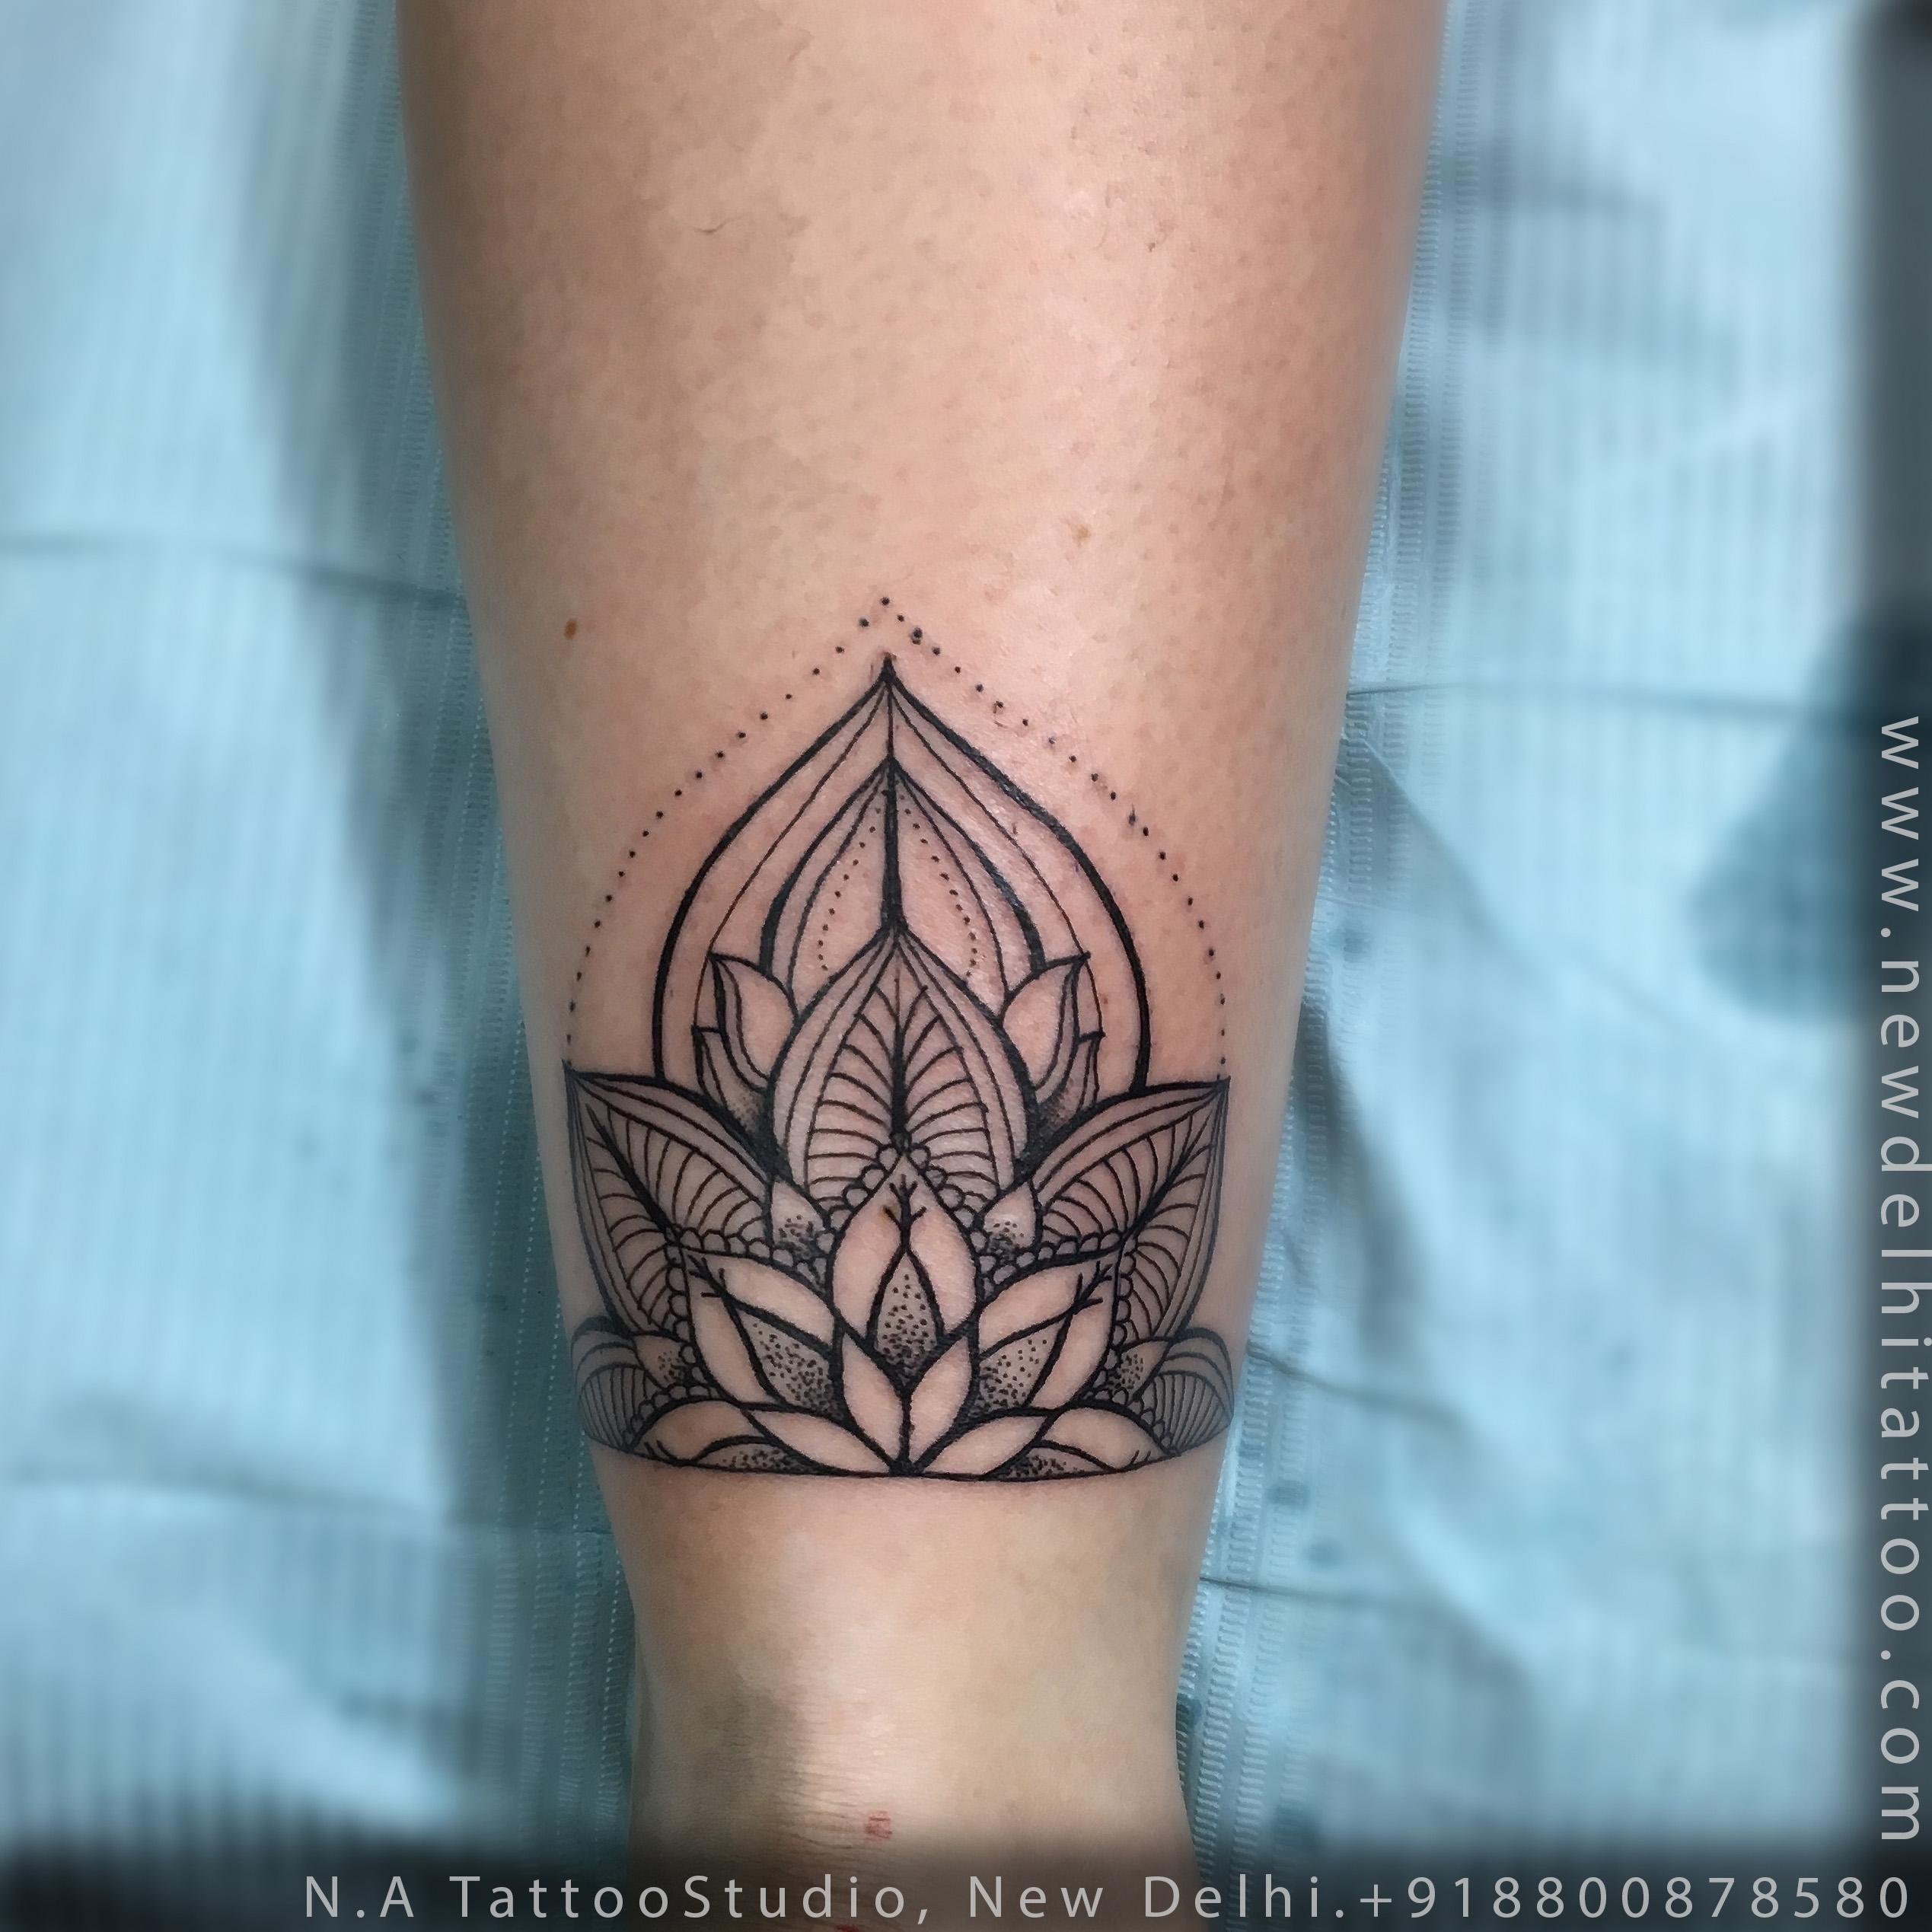 mandala-tattoo-natattoo